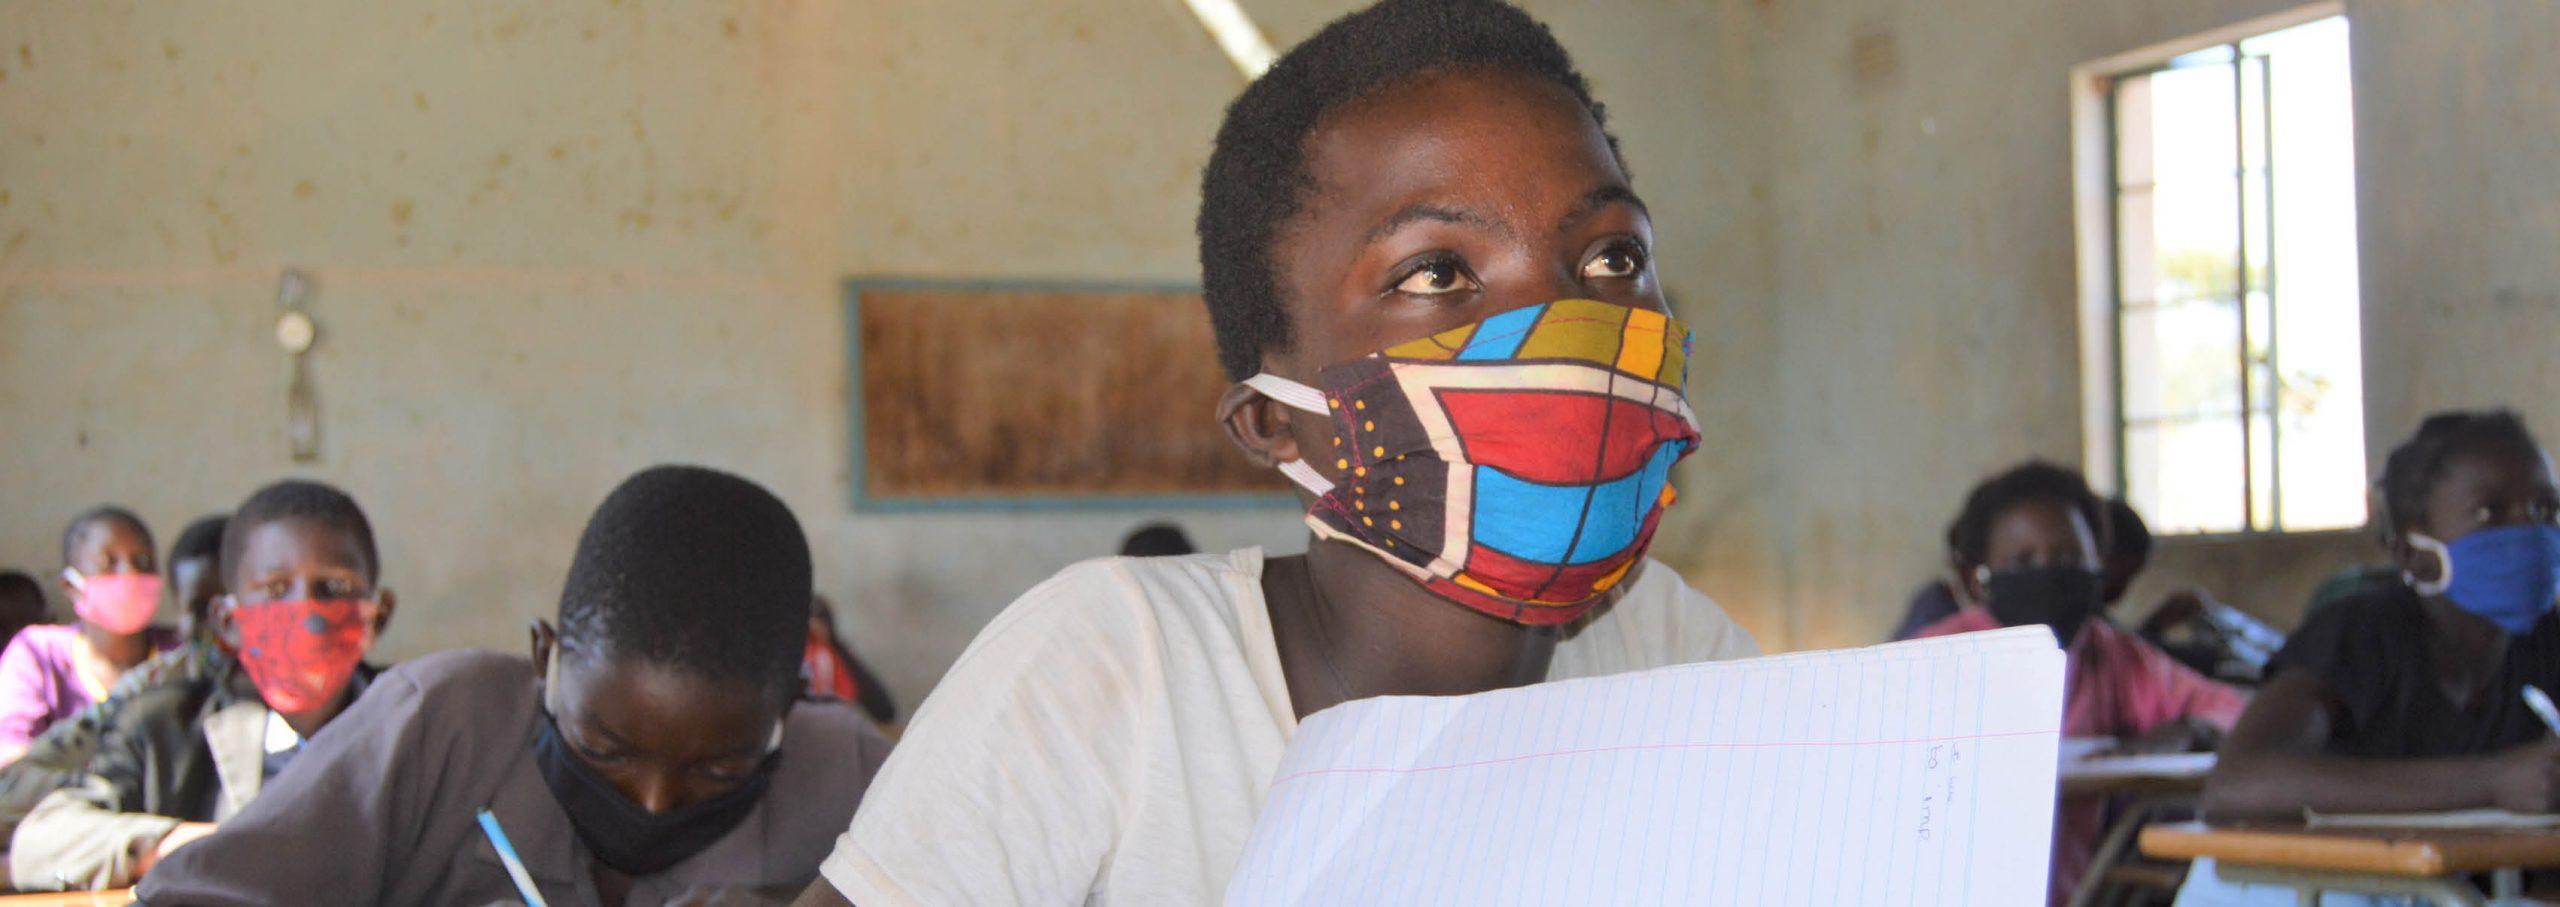 Onnistumisia maailmalta – Pelastakaa Lasten kansainvälisten ohjelmien vuosiraportti 2020 on julkaistu